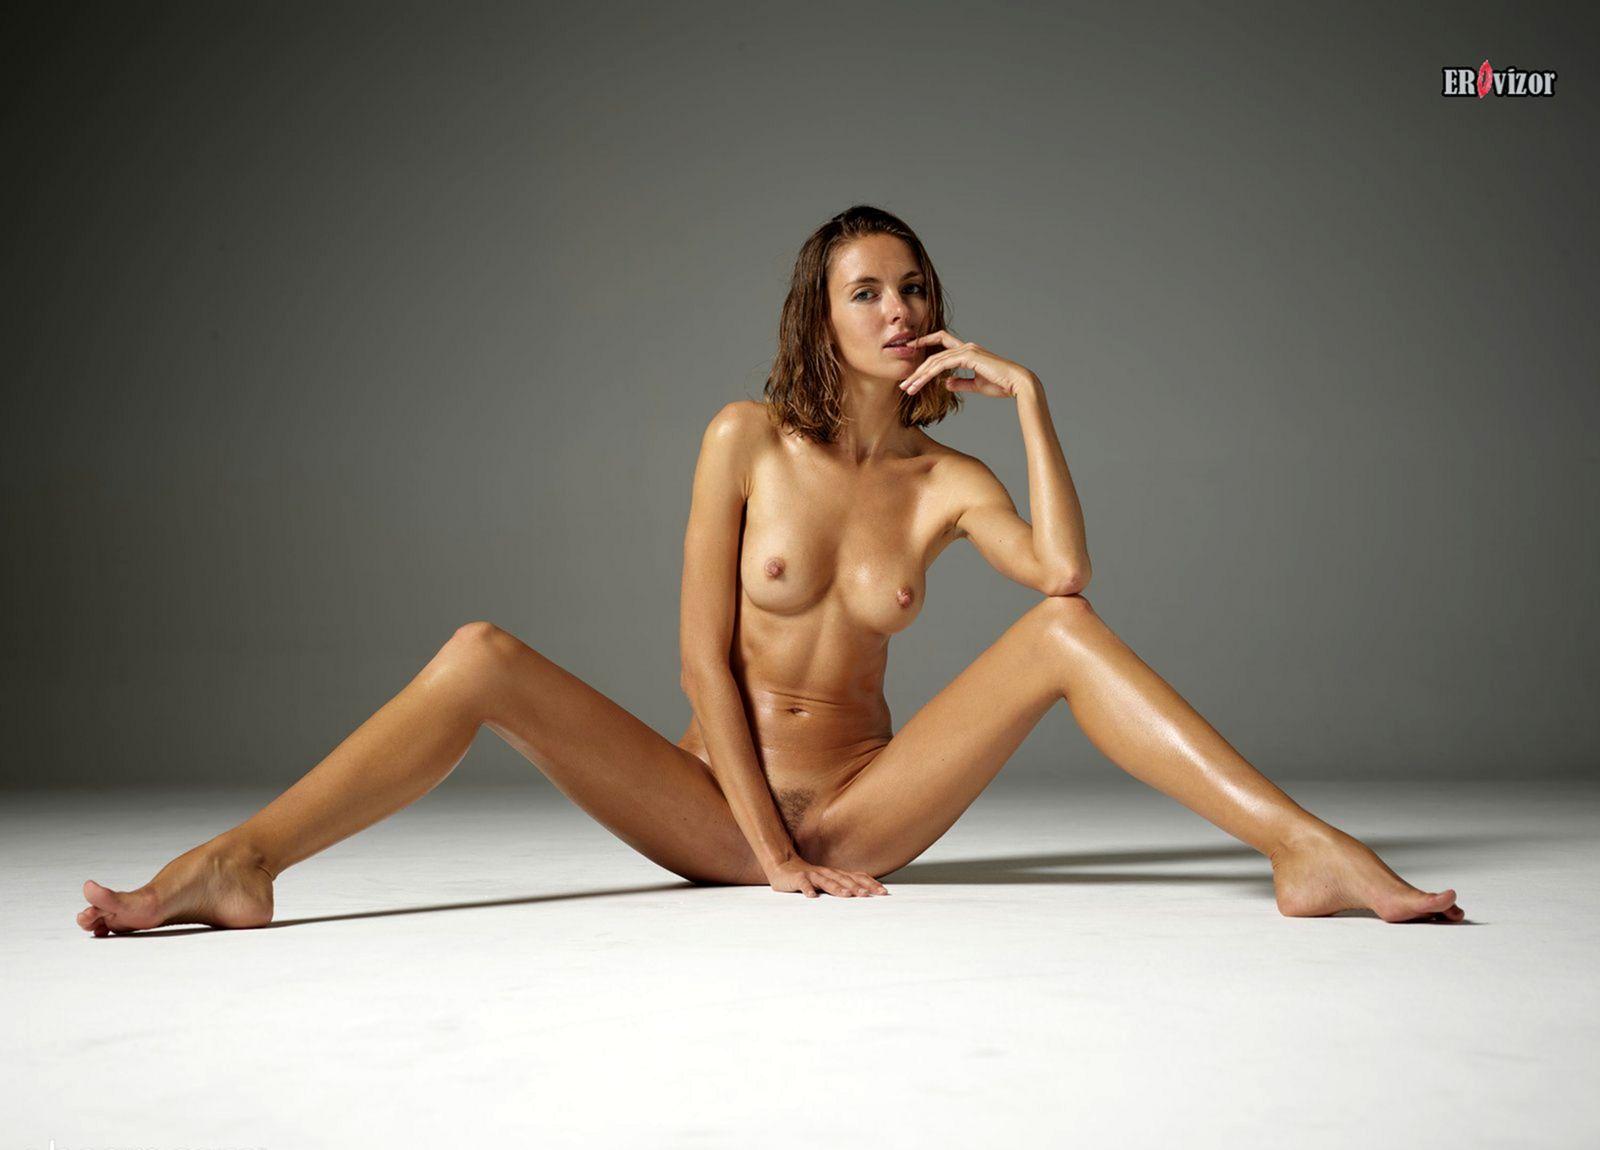 длинноногая голенькая модель в студии